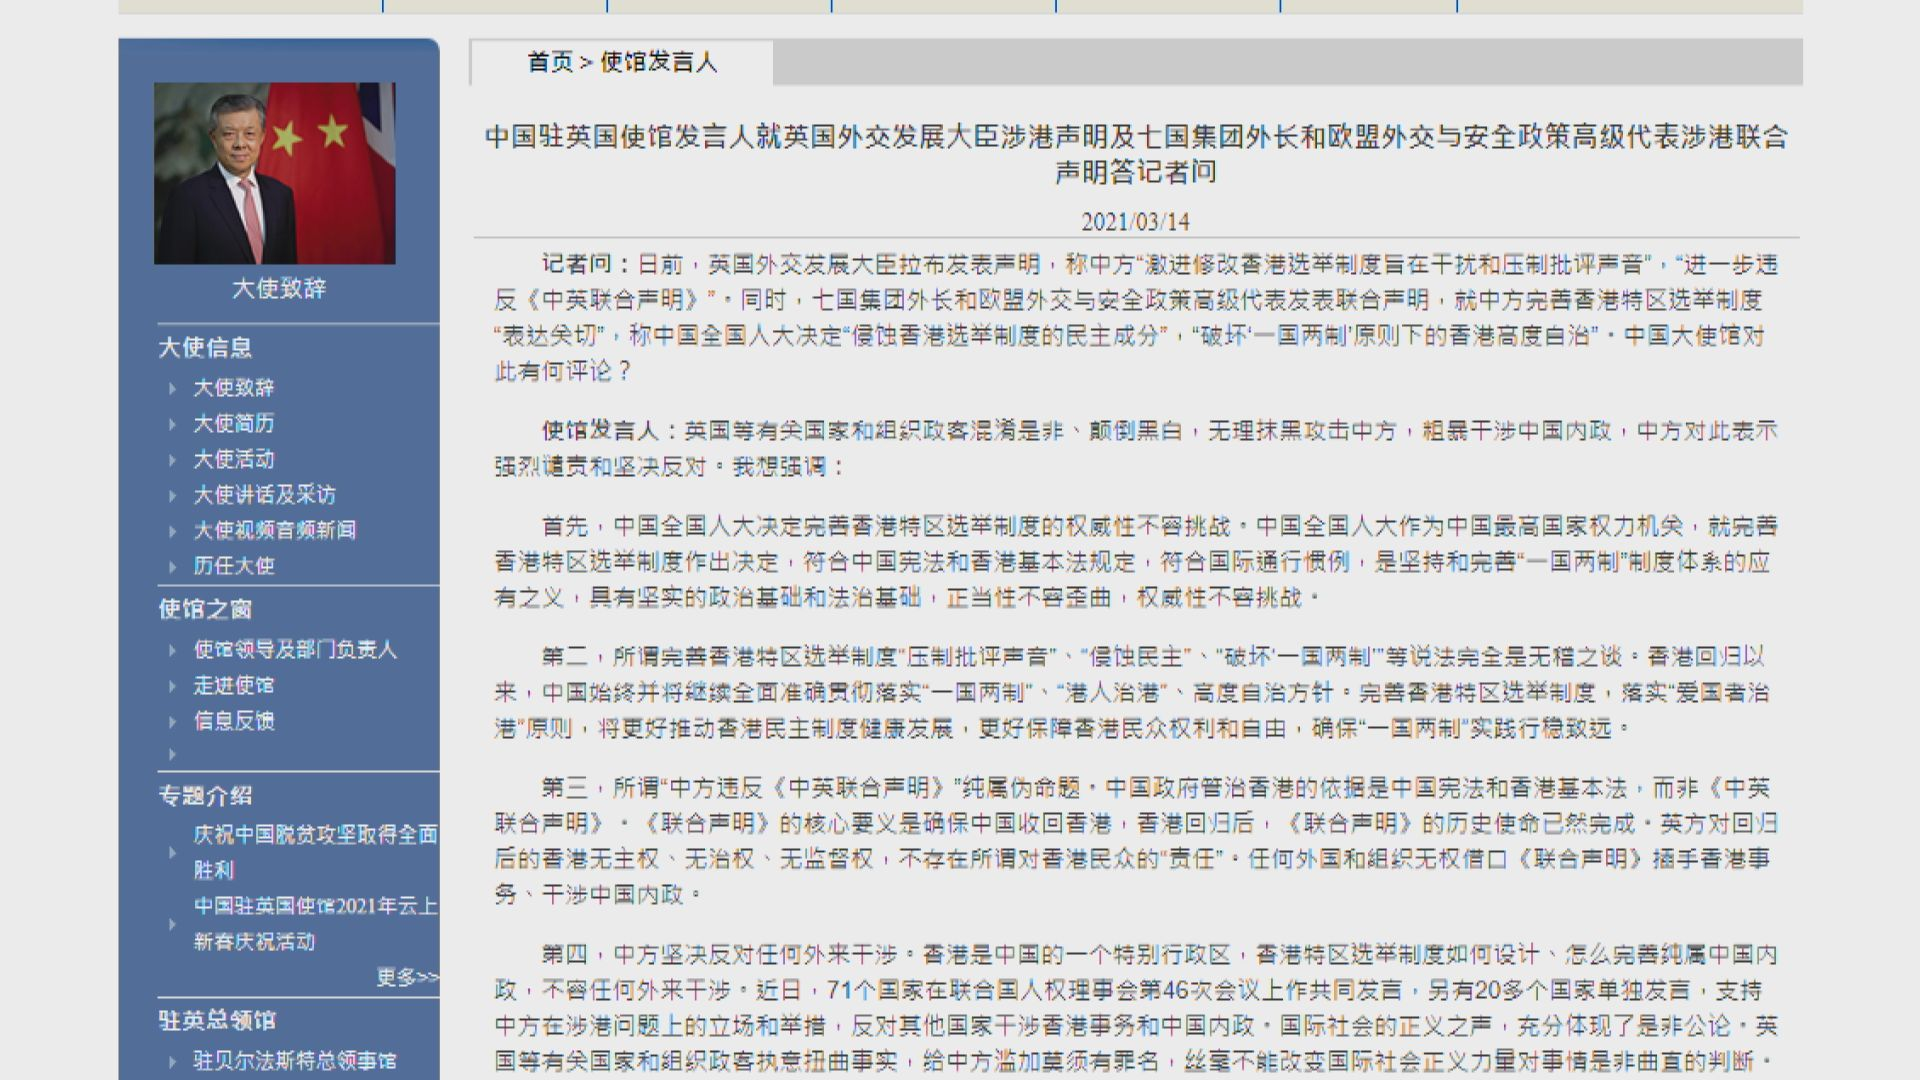 中國駐英大使館強烈譴責藍韜文言論